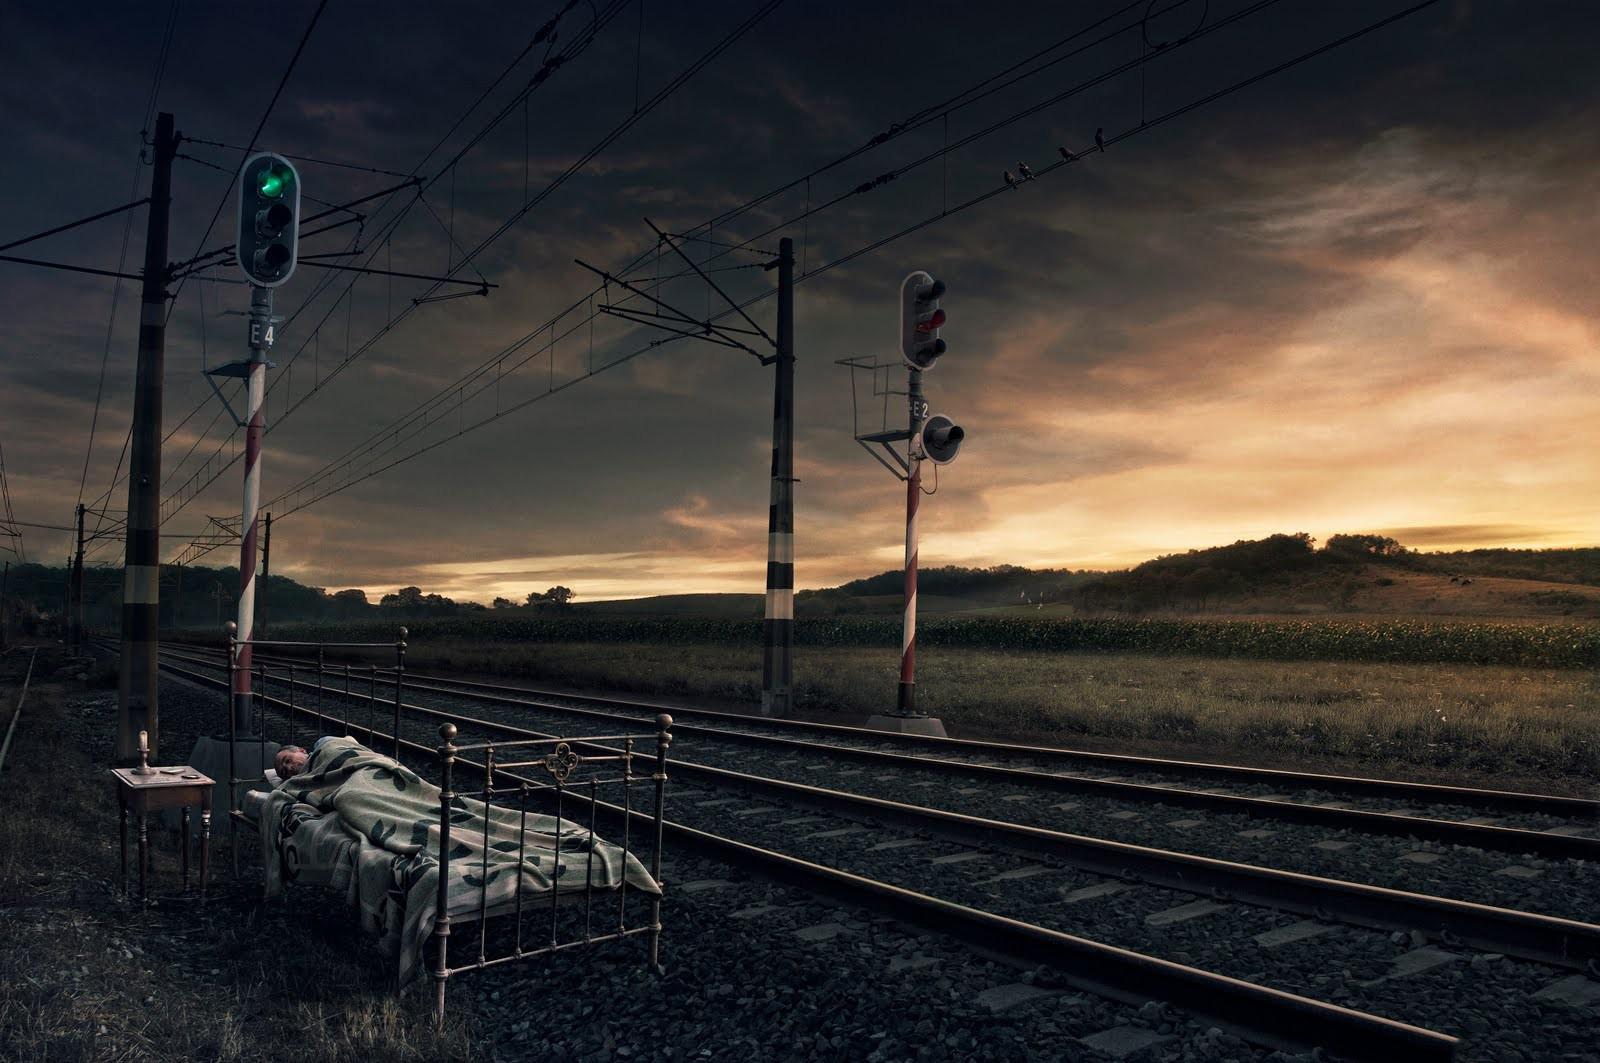 Прикольные картинки железной дороги, надежда умирает последней